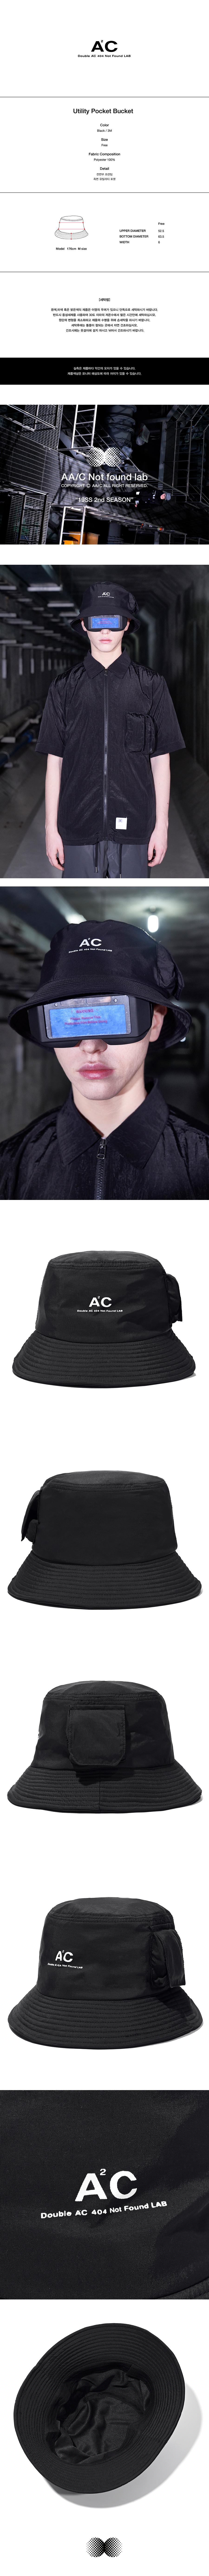 더블에이씨(DOUBLE A.C) Utility Pocket Bucket (black)